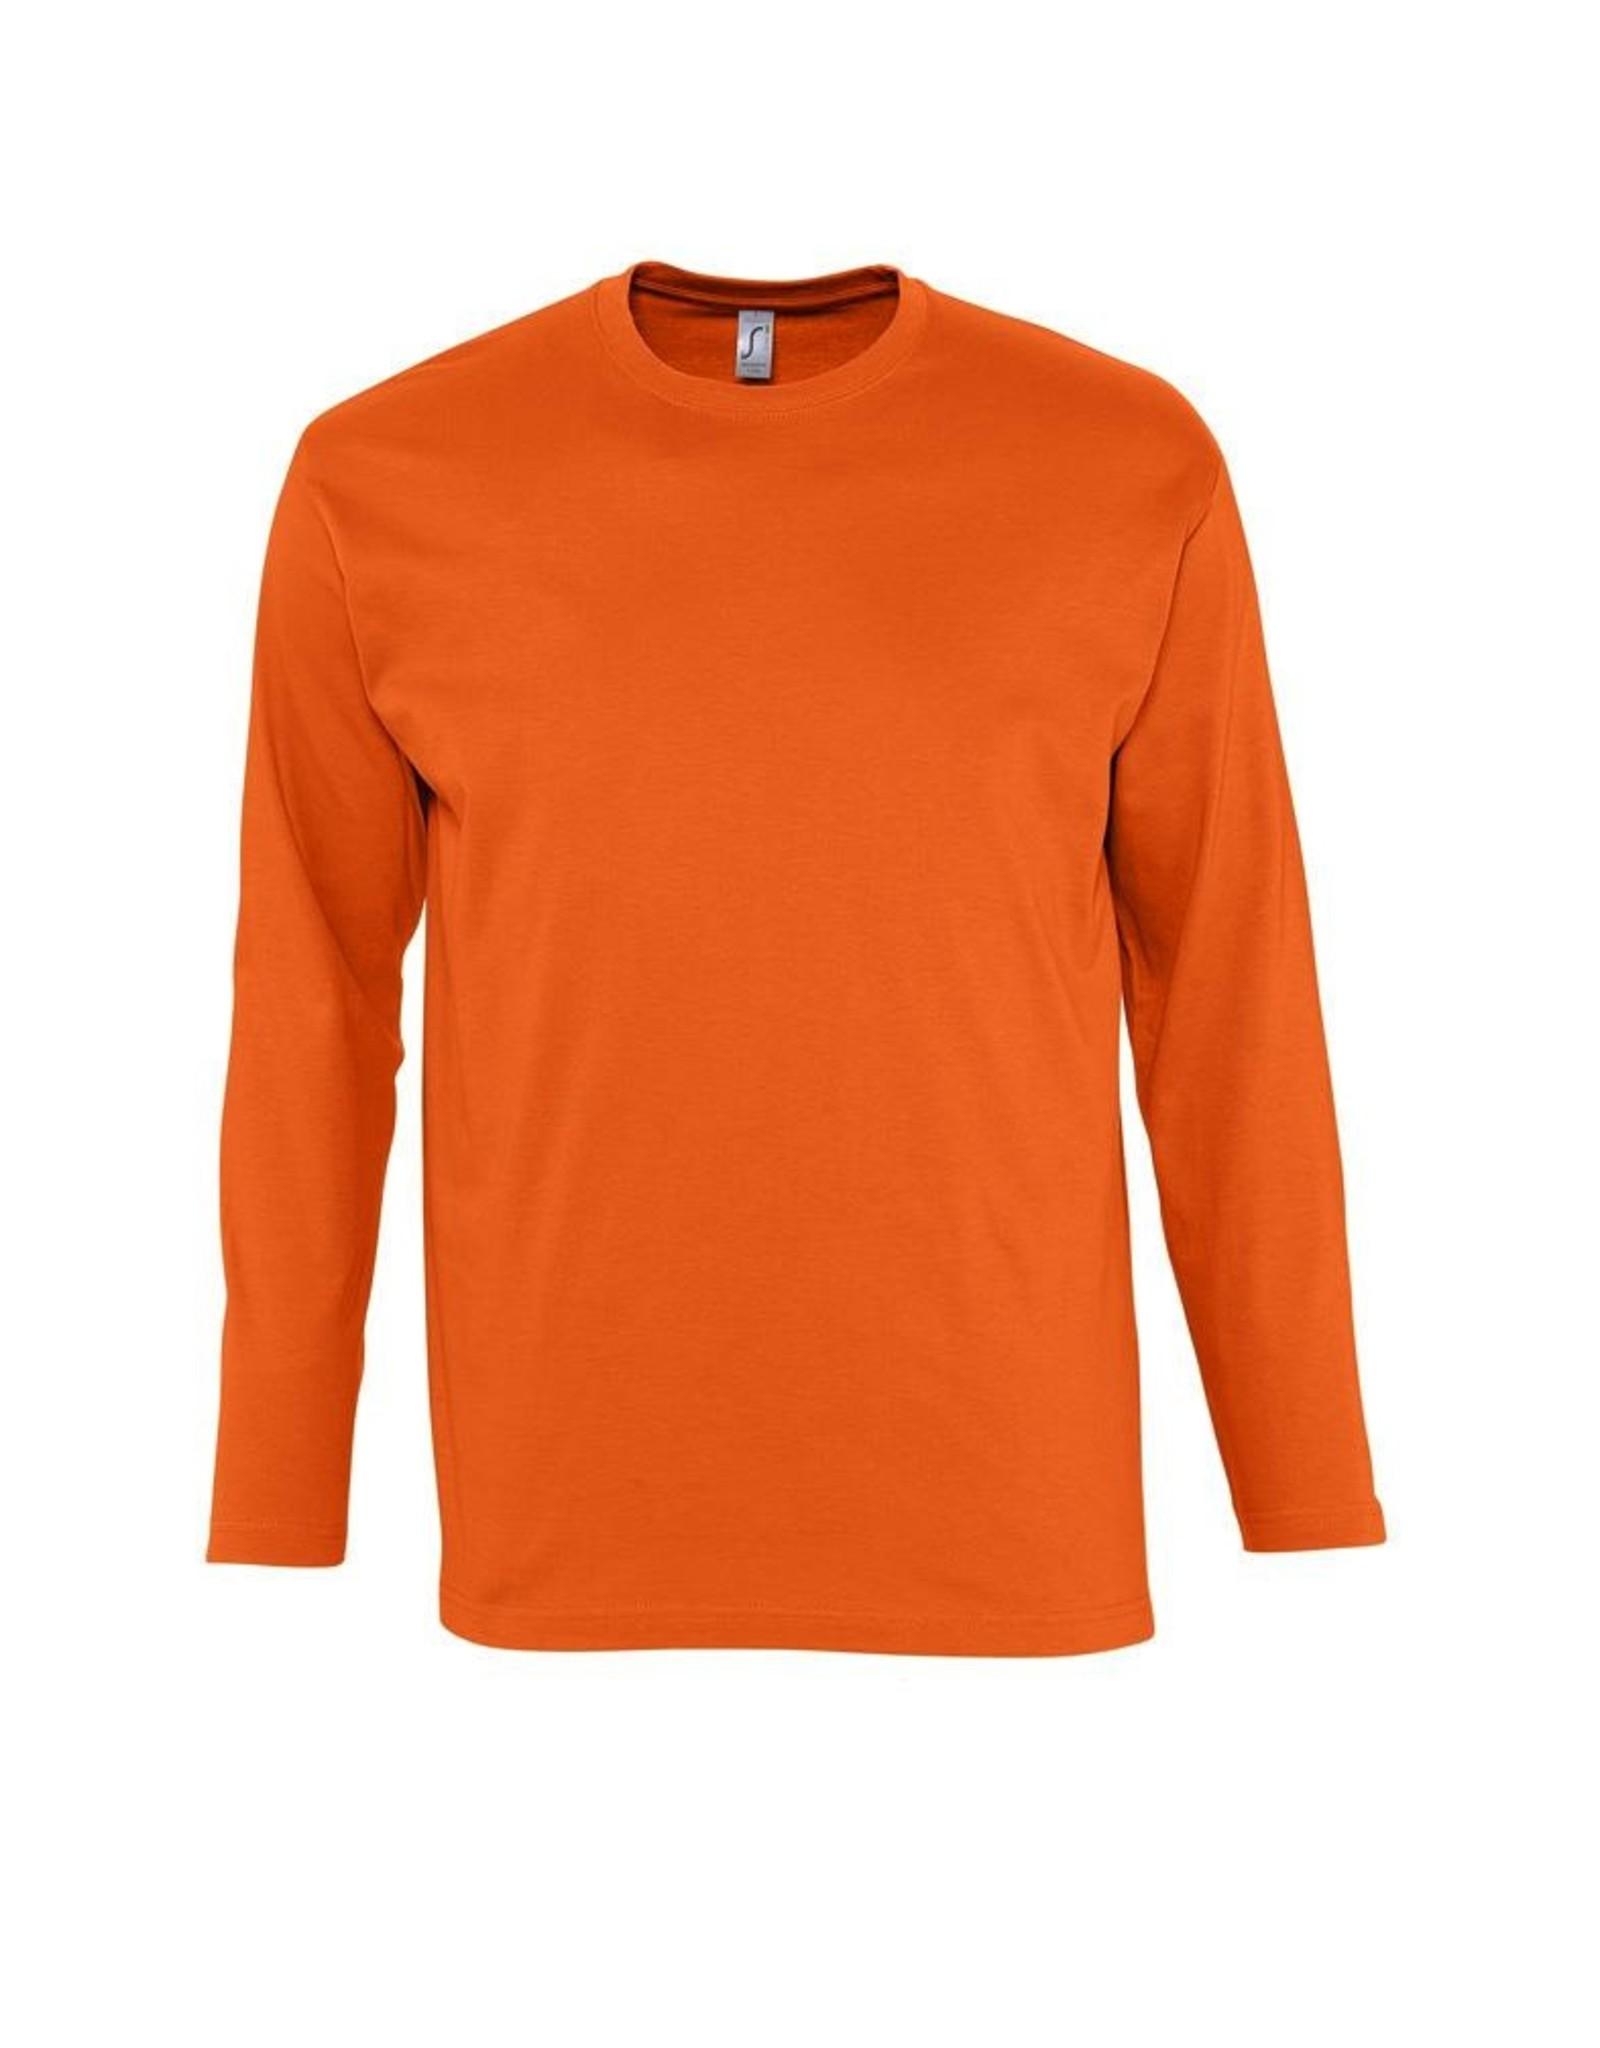 Sol's T-SHIRT lange mouw gekleurd 'Monarch' oranje